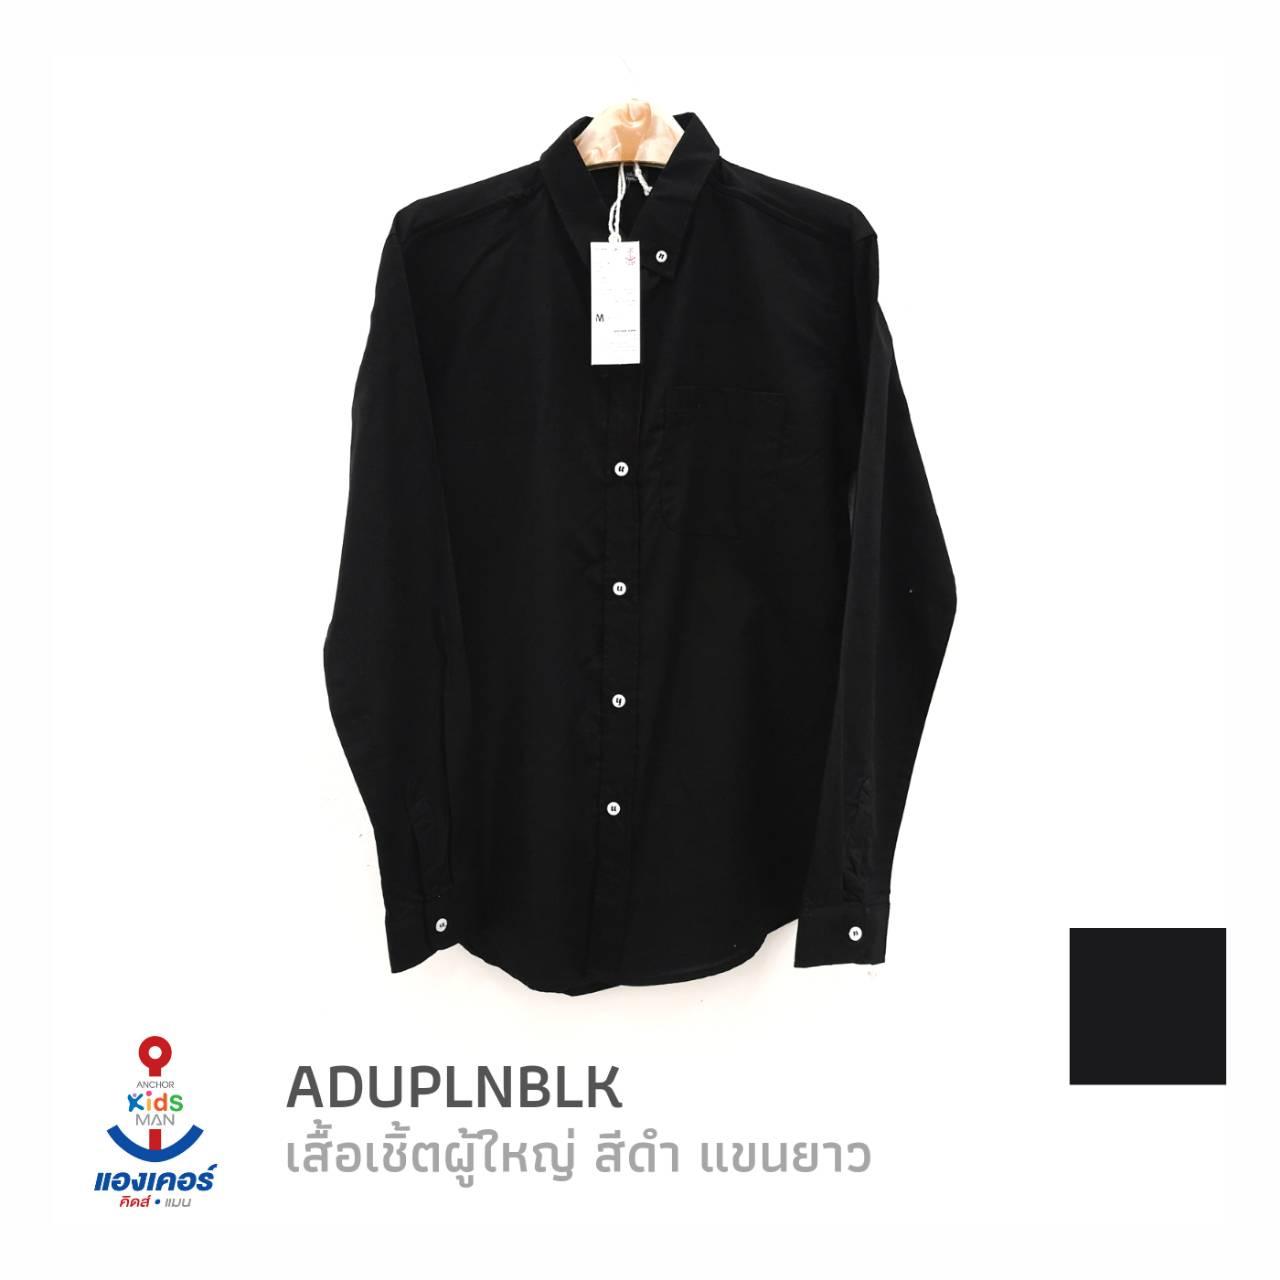 Adult Shirt เสื้อเชิ้ตผู้ใหญ่